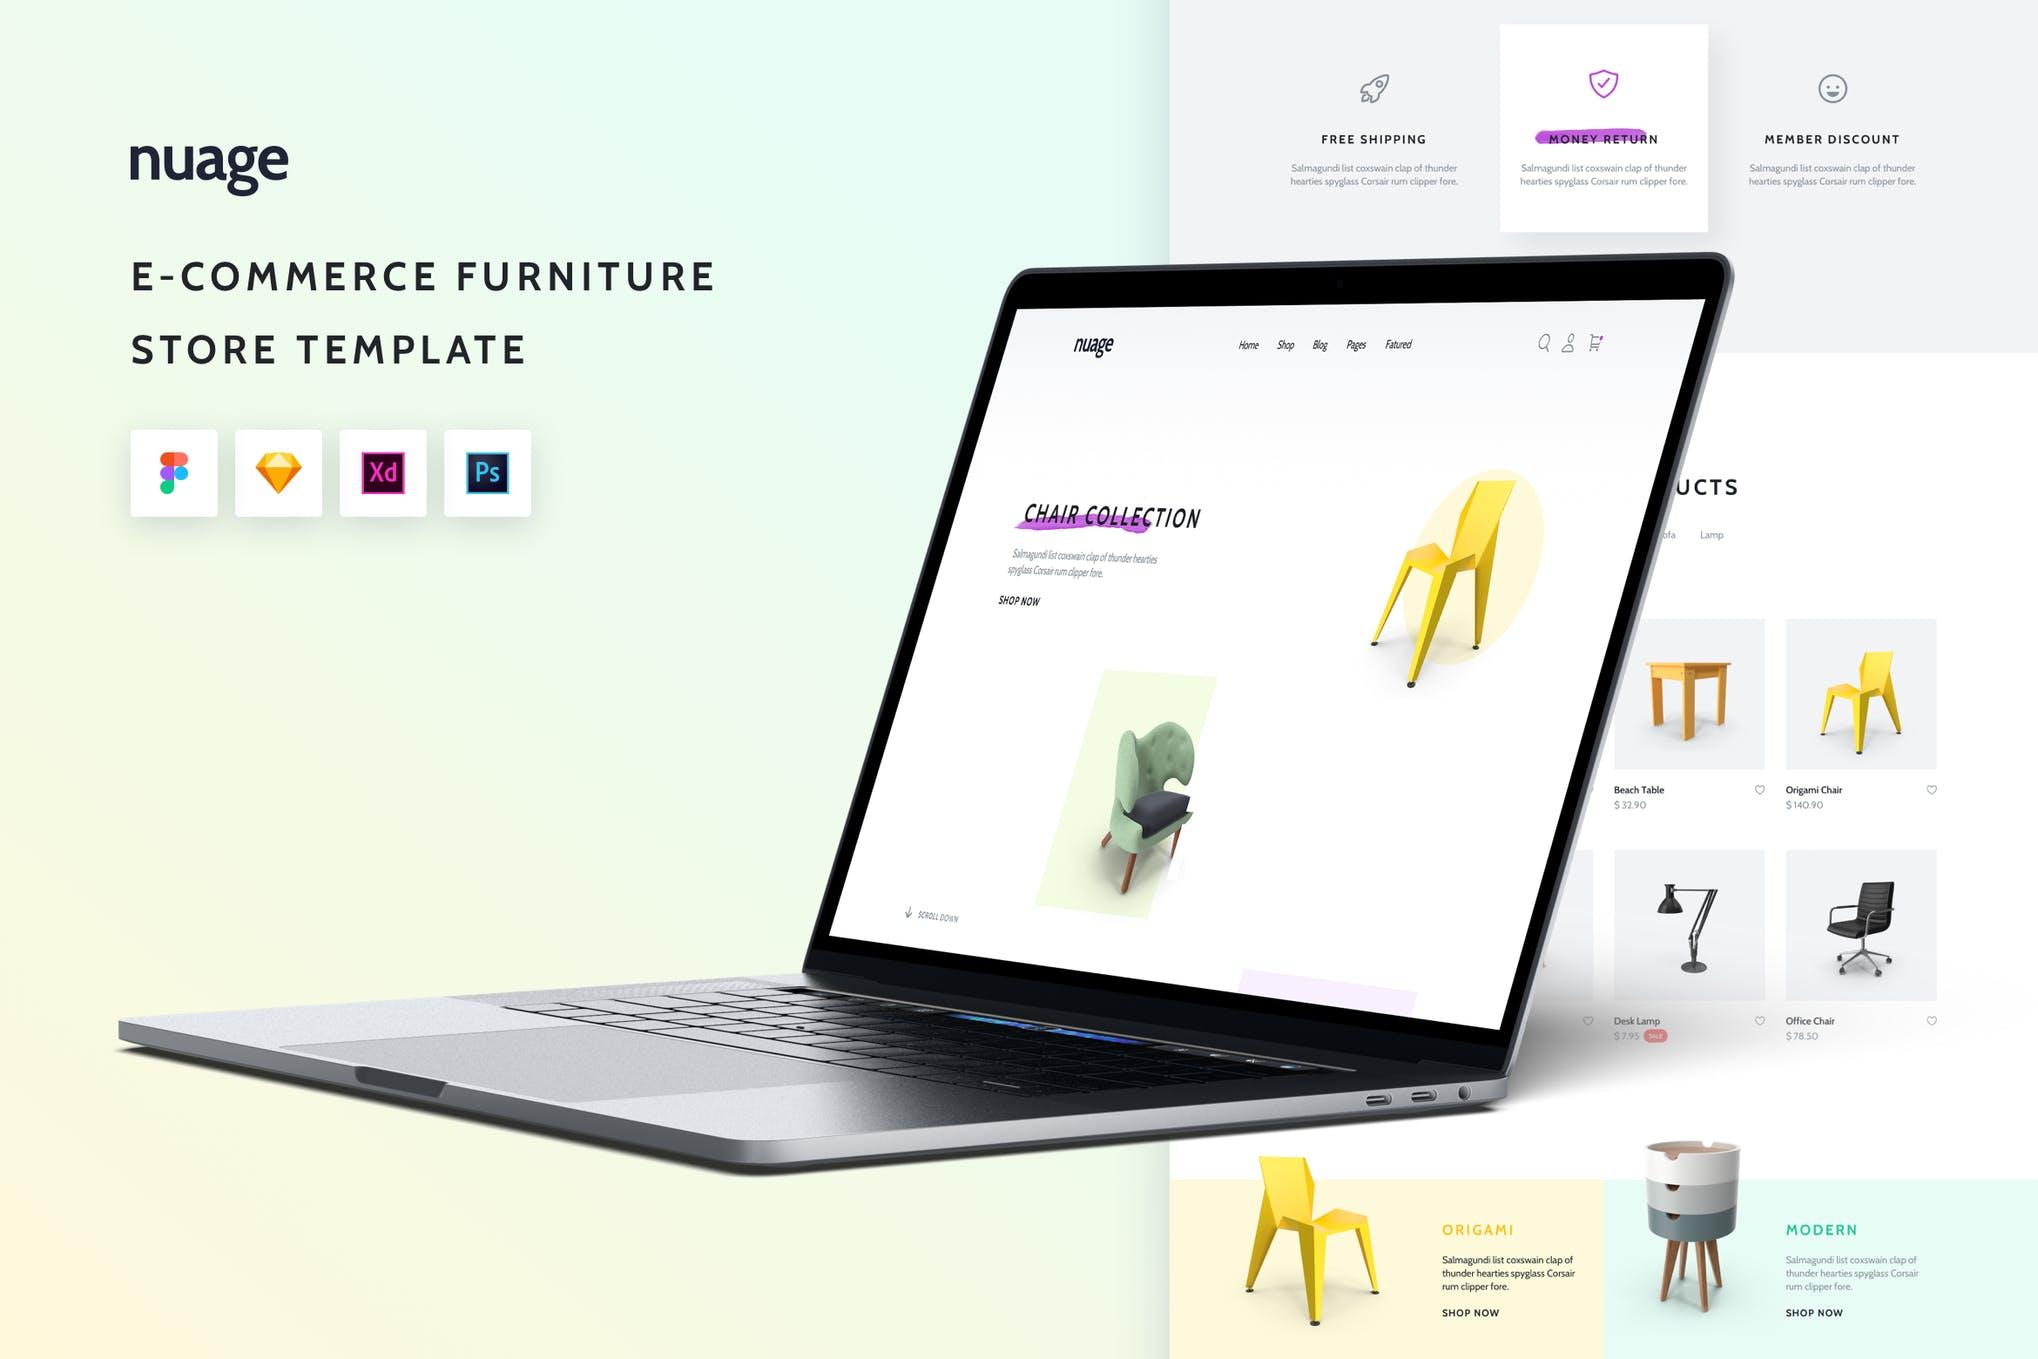 Nuage电子商务家具店商店UI模板xd素材下载